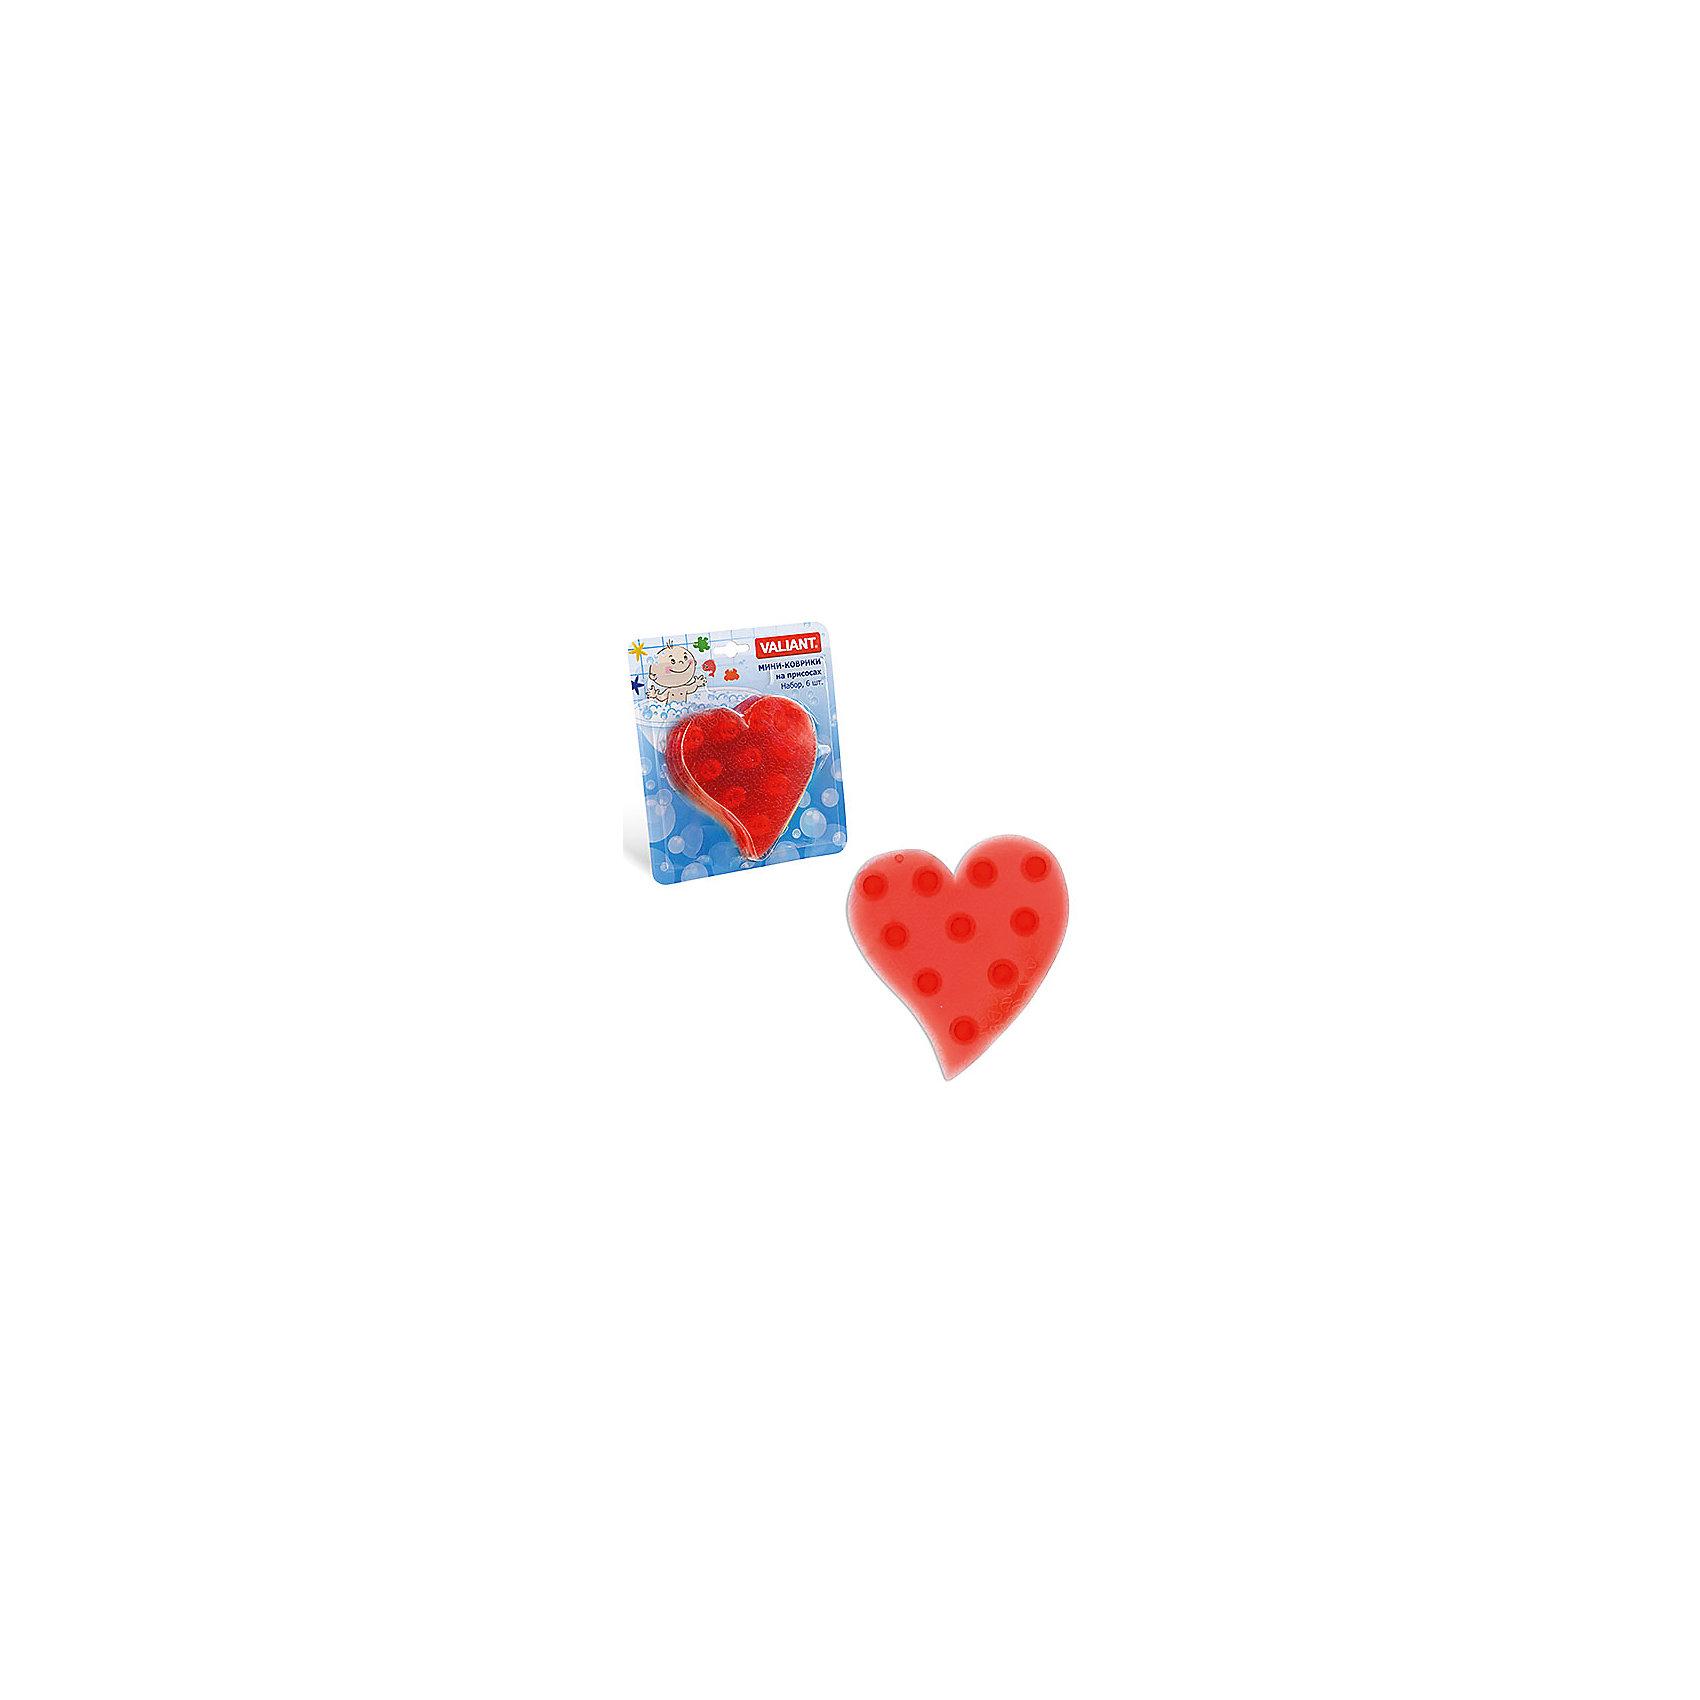 Набор ковриков Сердце на присосках (6 шт)Ванная комната<br>Мини-коврики для ванной комнаты - это яркое дополнение к купанию малыша. Это и игра и развитие моторики и изучение зверушек. <br>Колоссальный и постоянно растущий спрос на них обусловлен реакцией малышей и их мам на данное изобретение по всему миру.<br>Мини-коврики снабжены присосками и превосходно клеятся на влажный кафель.<br><br>Ширина мм: 190<br>Глубина мм: 170<br>Высота мм: 40<br>Вес г: 150<br>Возраст от месяцев: -2147483648<br>Возраст до месяцев: 2147483647<br>Пол: Унисекс<br>Возраст: Детский<br>SKU: 4563299